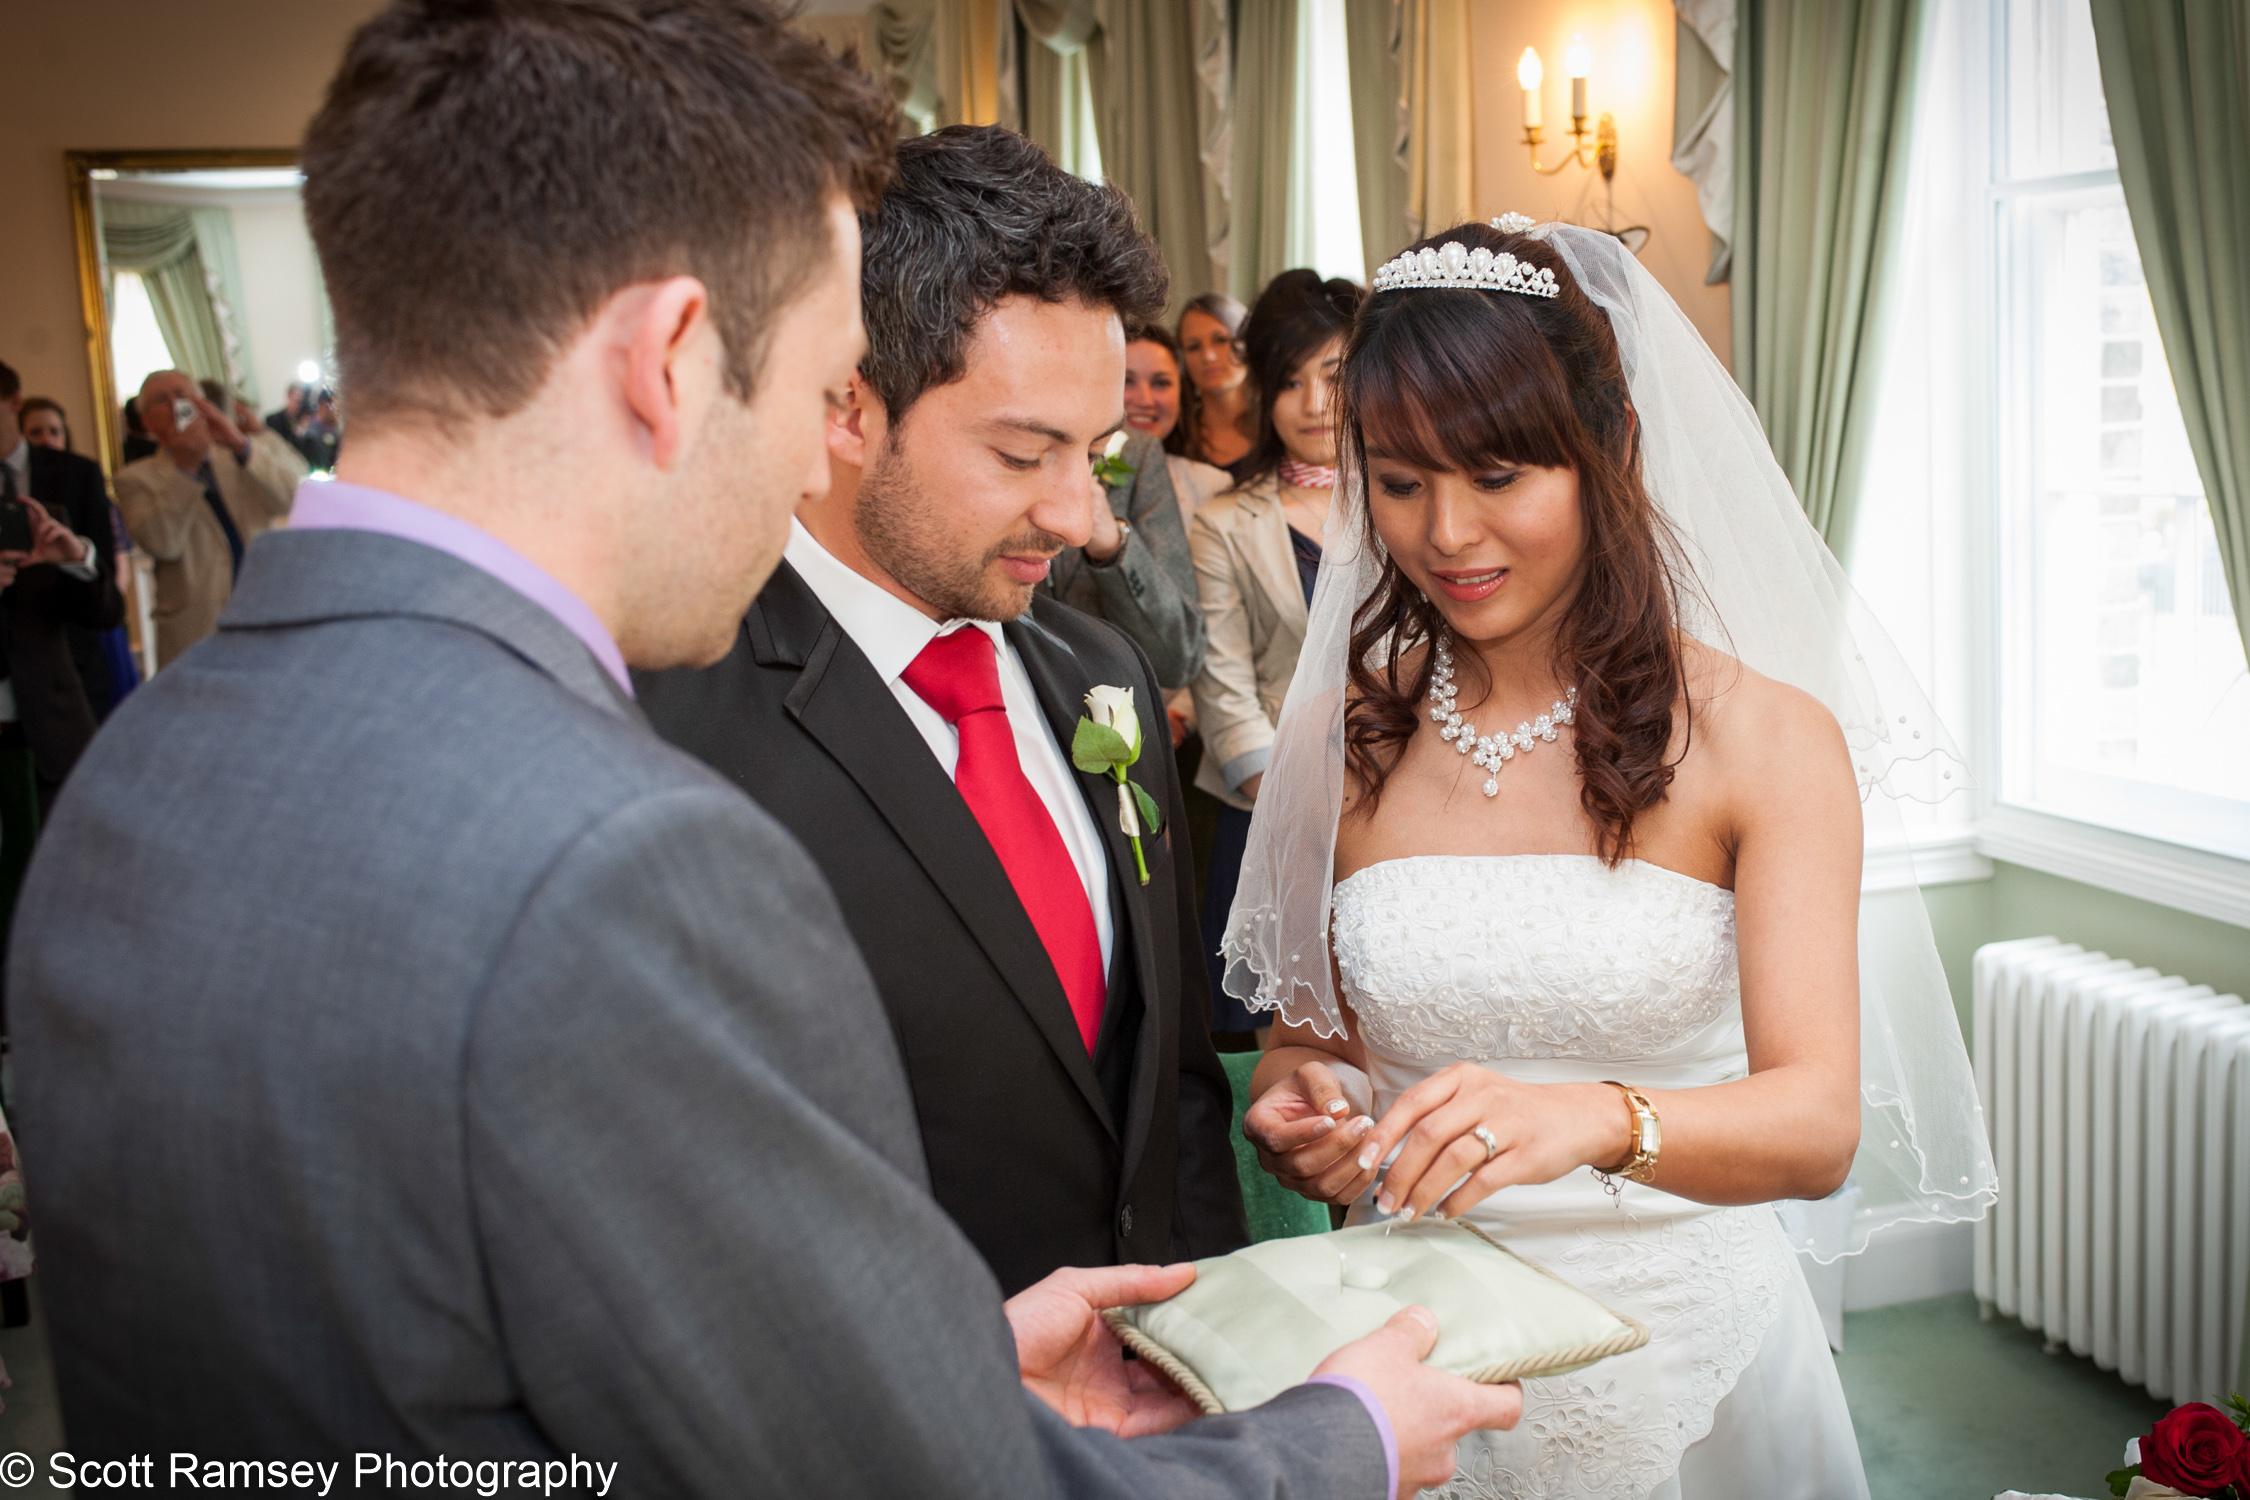 Portsmouth Registry Office Wedding Ceremony 040513-17